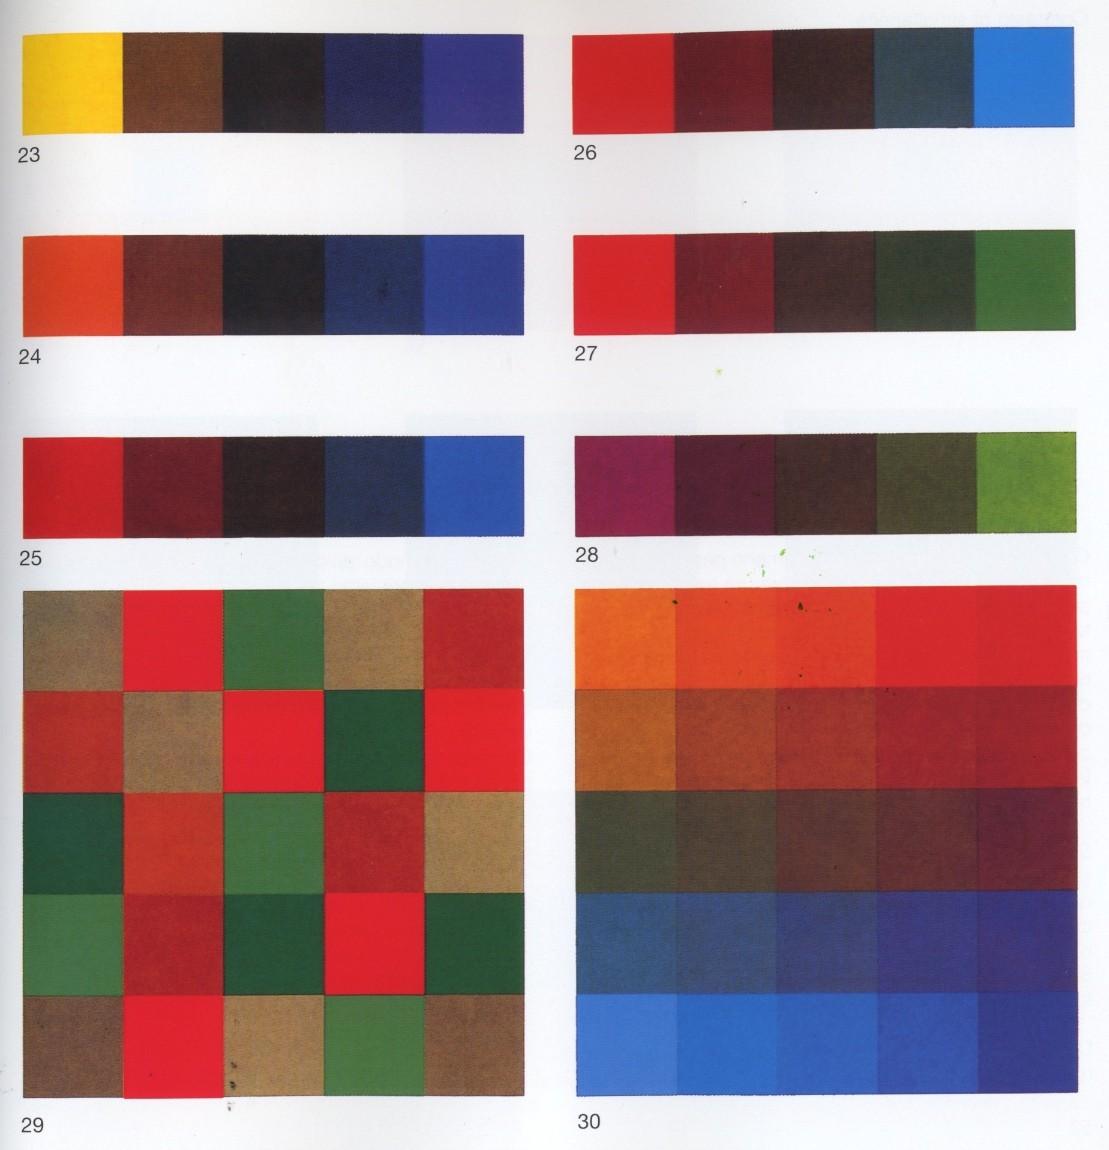 Закраска всего рисунка одним цветом - Форум сайта фотошоп-мастер 6